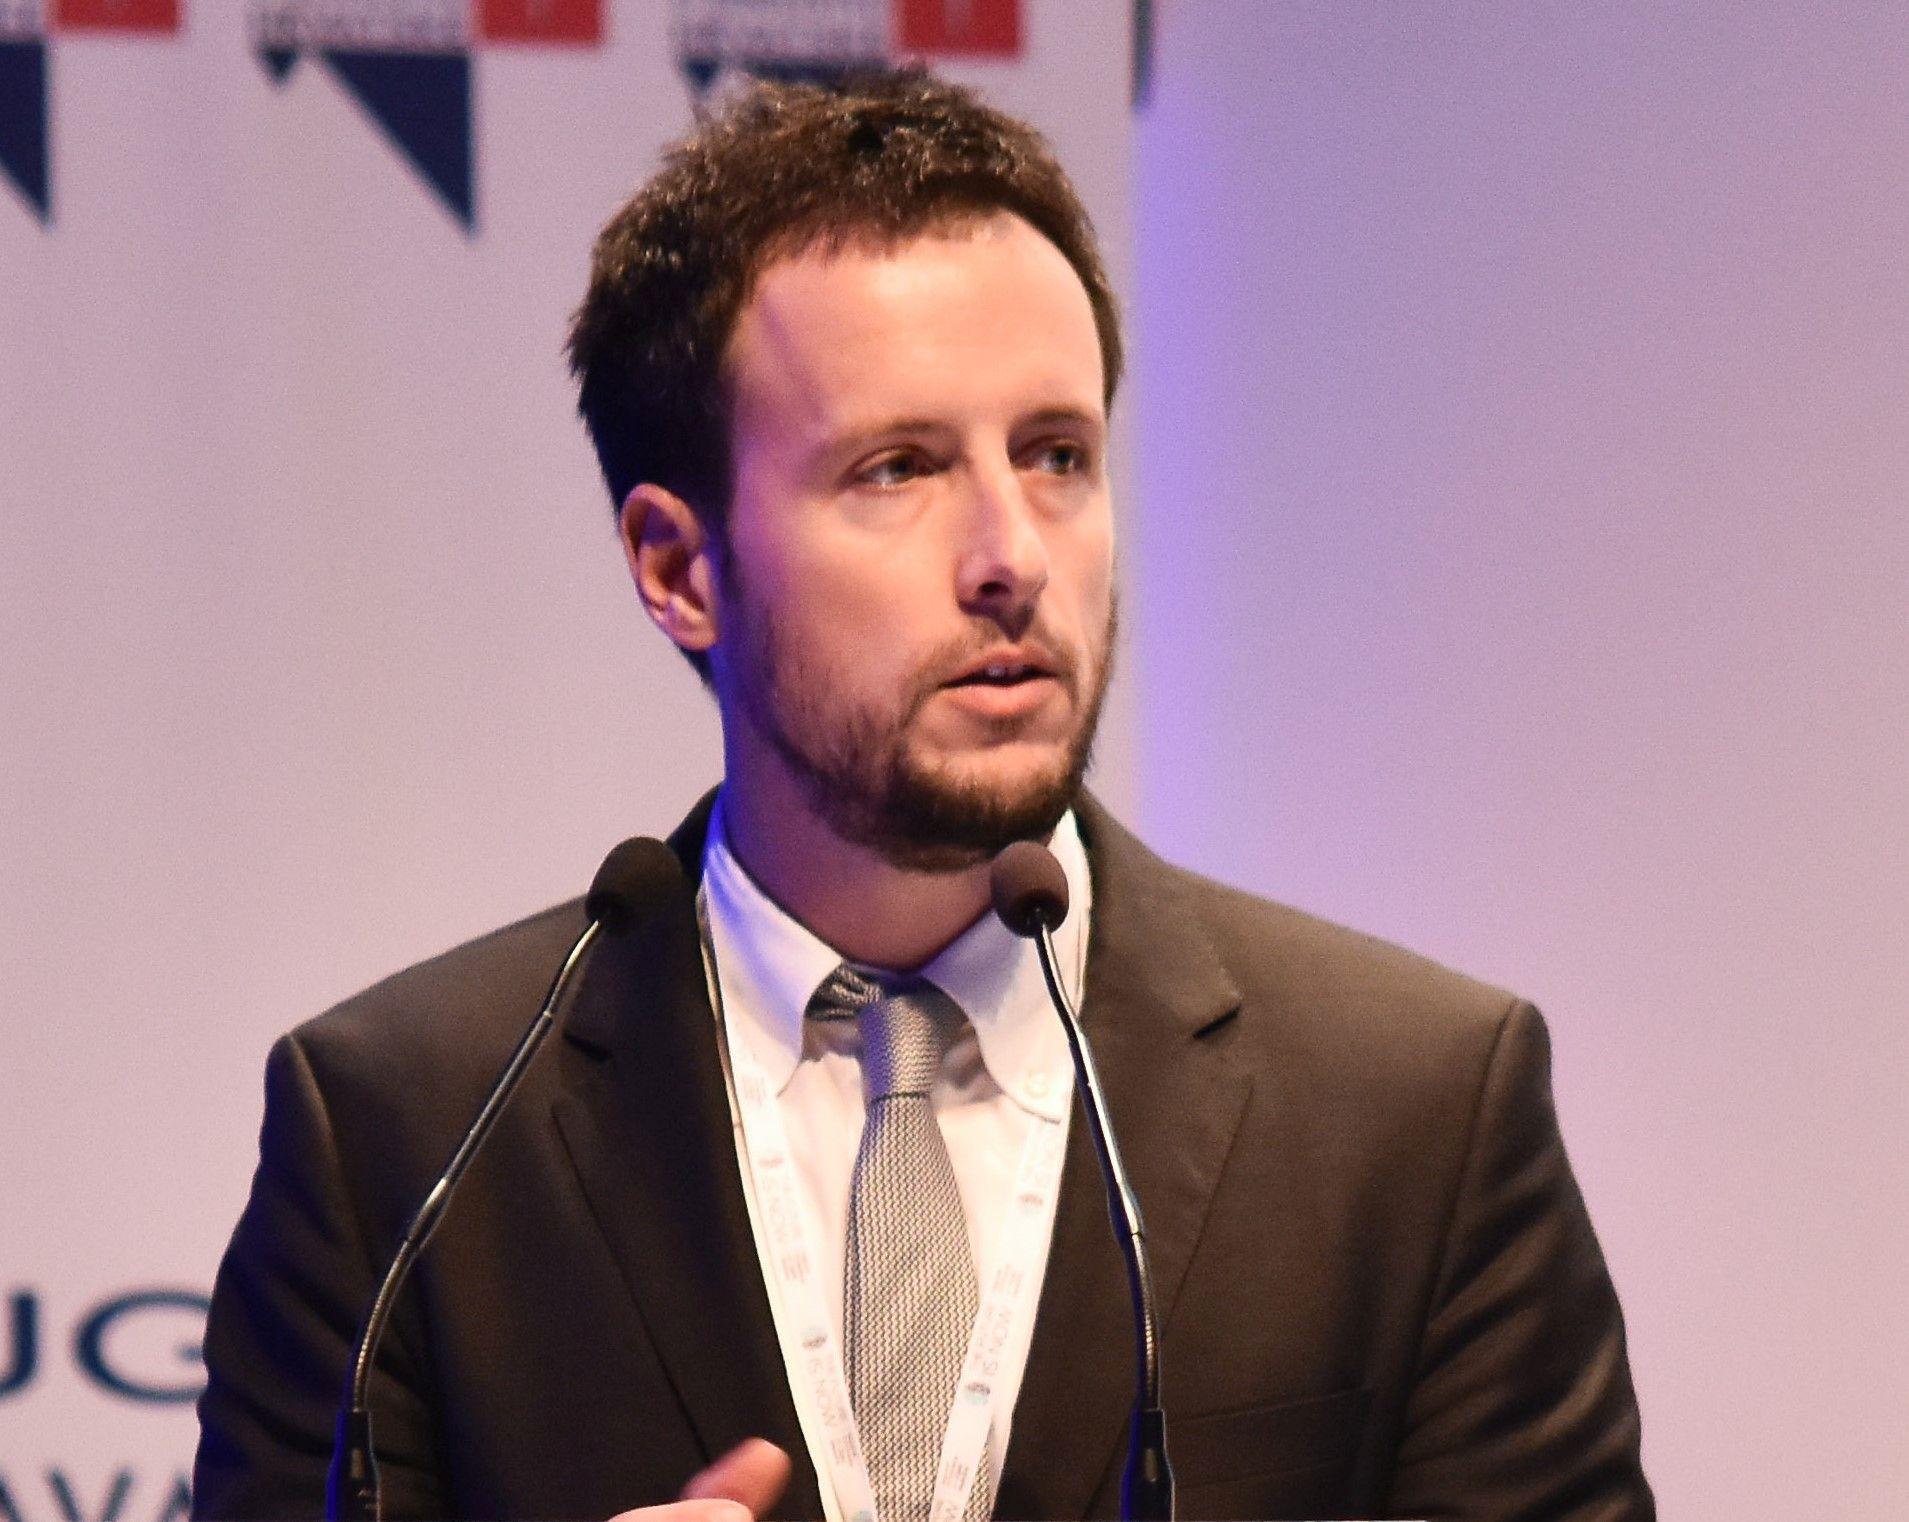 """Marinko Rade, il direttore dell'Ospedale """"Martin Horvat"""", ha conseguito il Premio nazionale per la scienza della RC"""